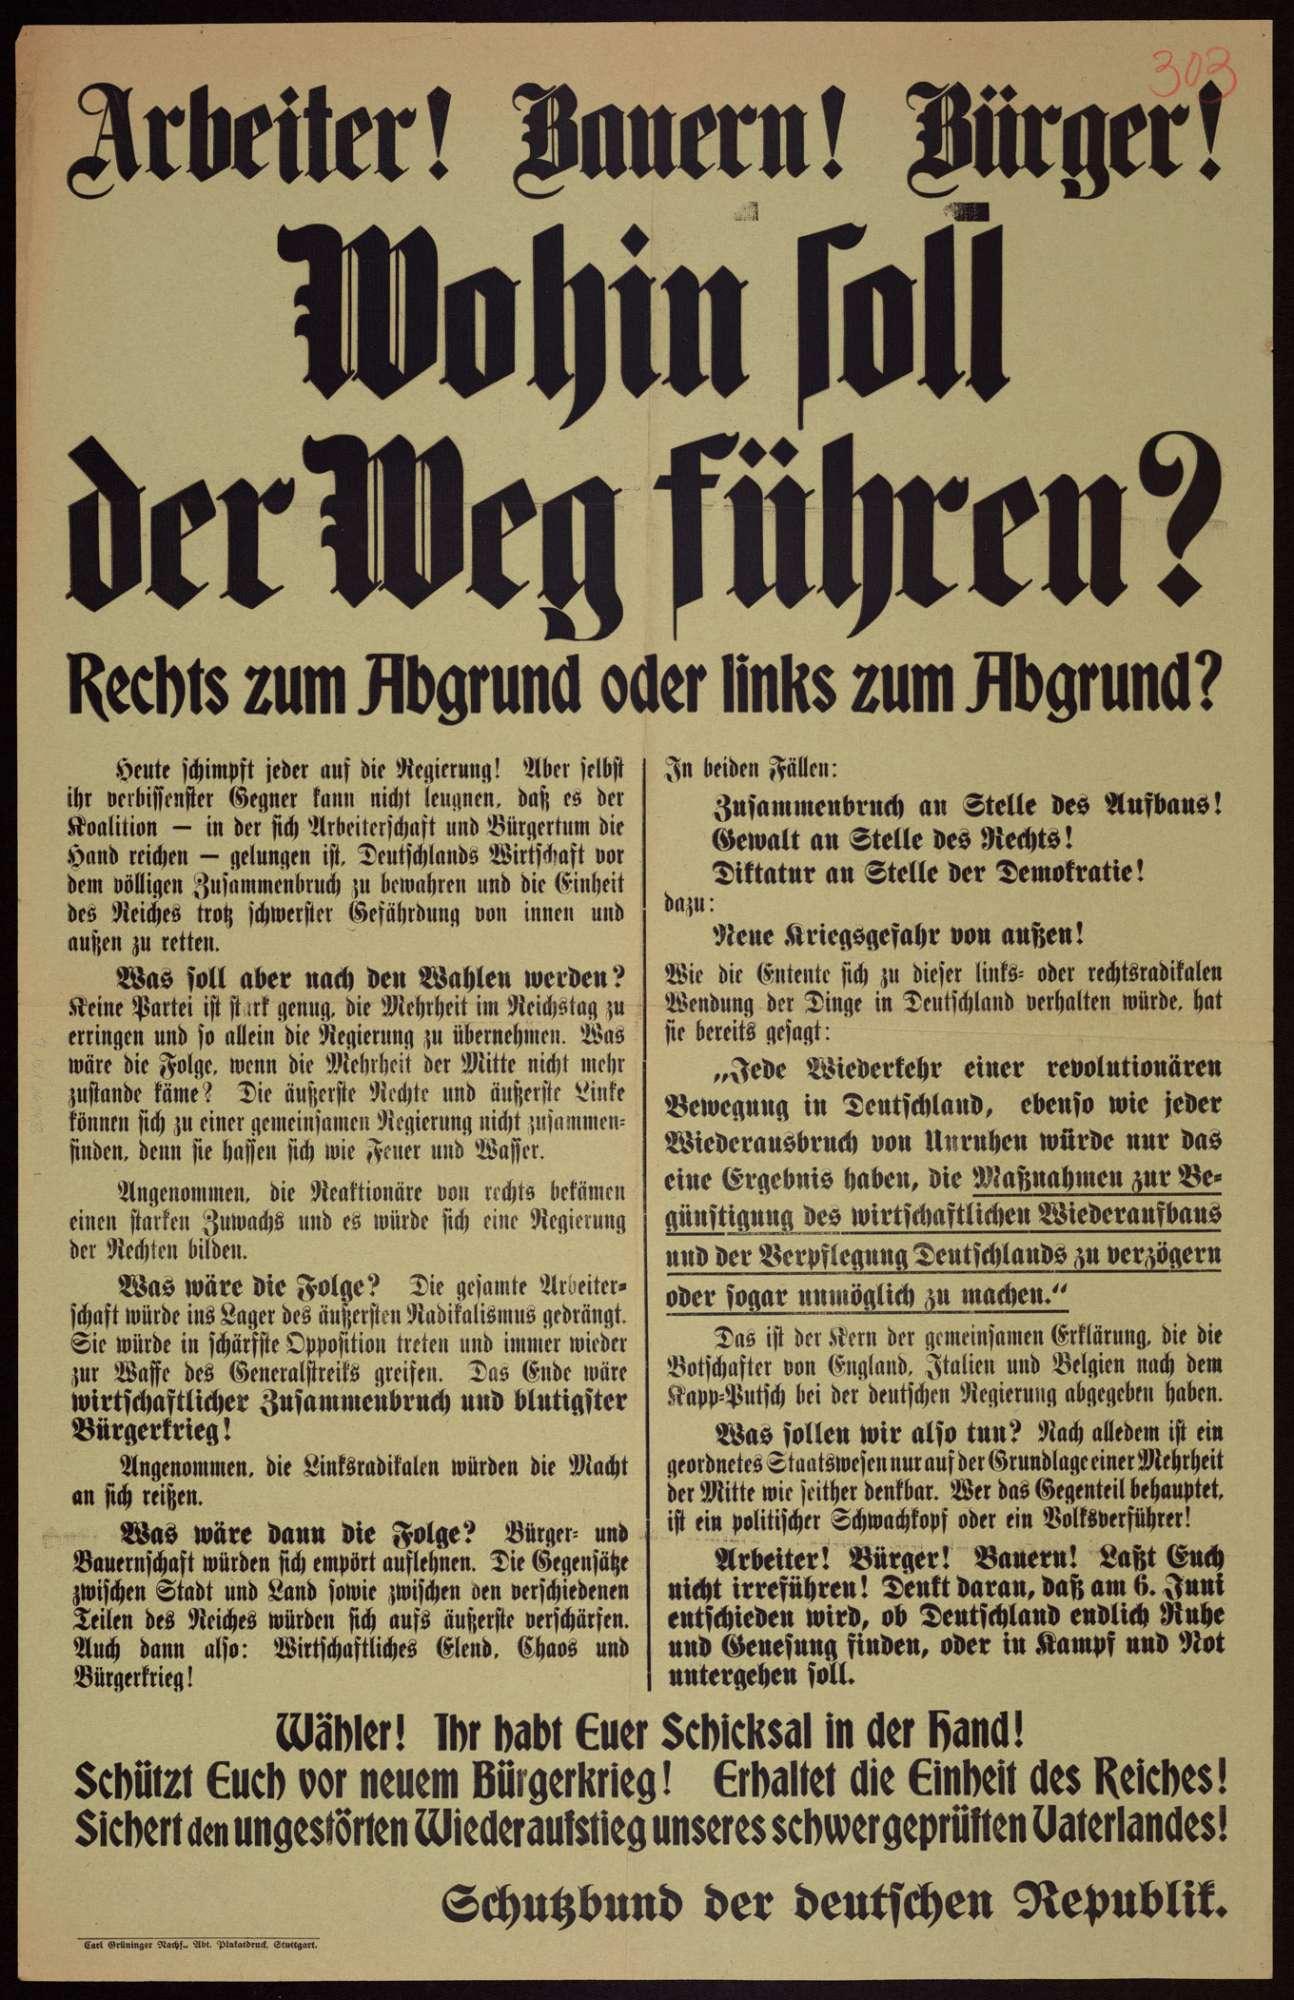 """""""Arbeiter! Bauern! Bürger! Wohin soll der Weg führen?"""" Wahlplakat zu den Reichstagswahlen am 6. Juni 1920, Bild 1"""